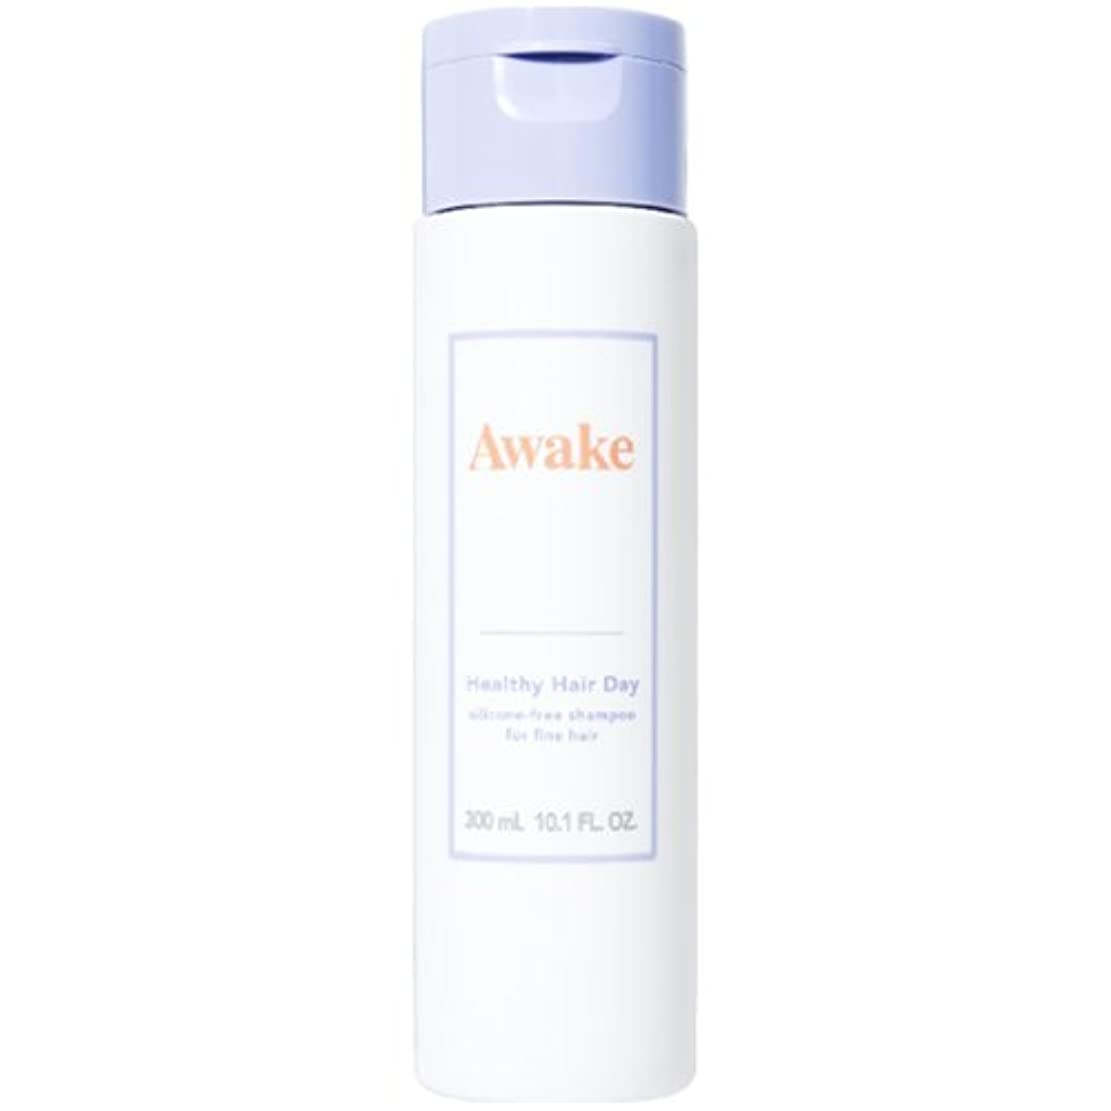 出席特別にはさみアウェイク(AWAKE) Awake(アウェイク) ヘルシーヘアデイ シリコーンフリー ヘアシャンプー ハリコシアップヘア用 (300mL)